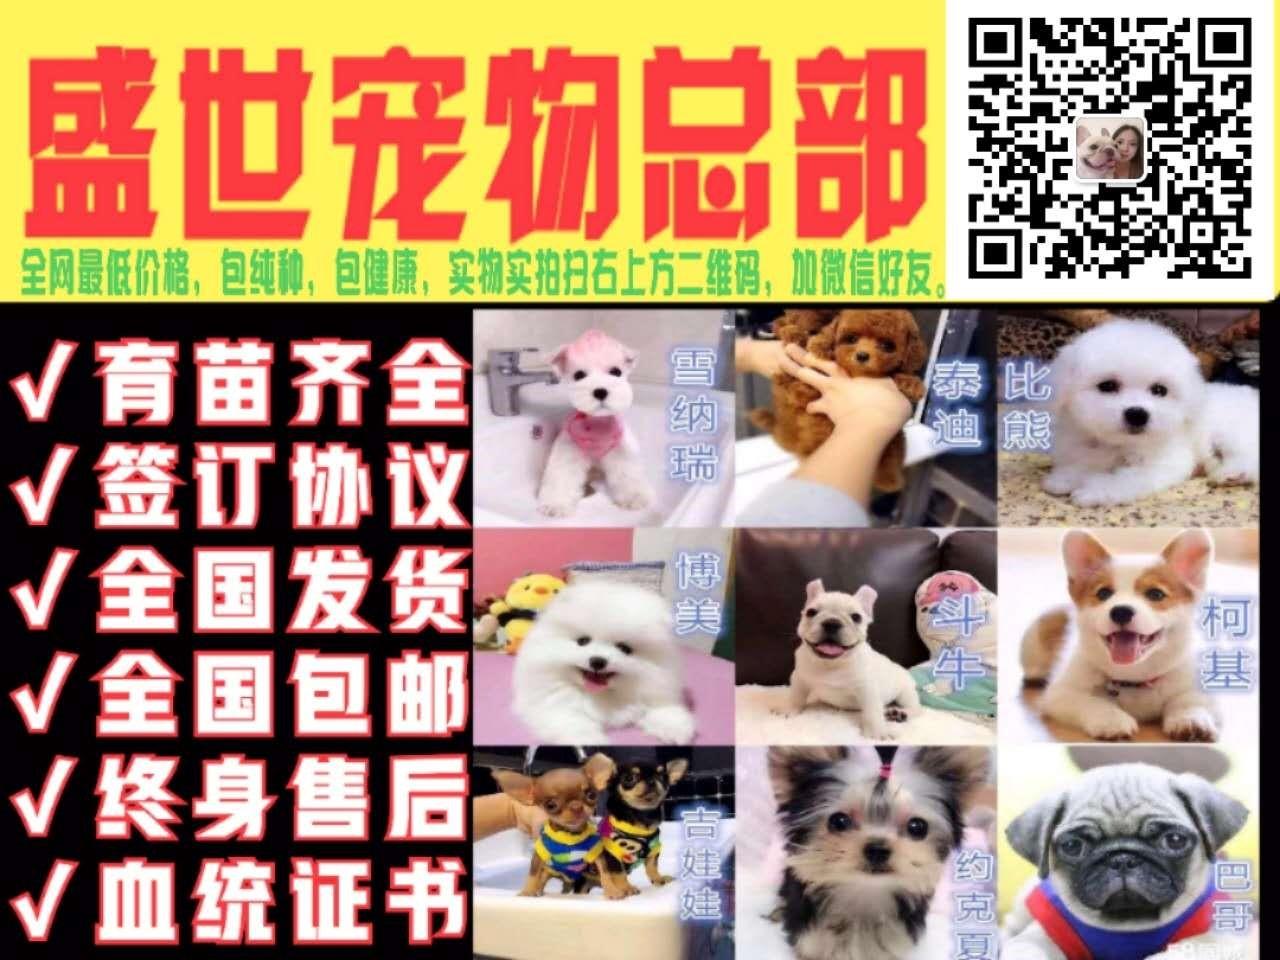 威海专业狗舍促销泰迪犬苹果脸蛋小短嘴超可爱5